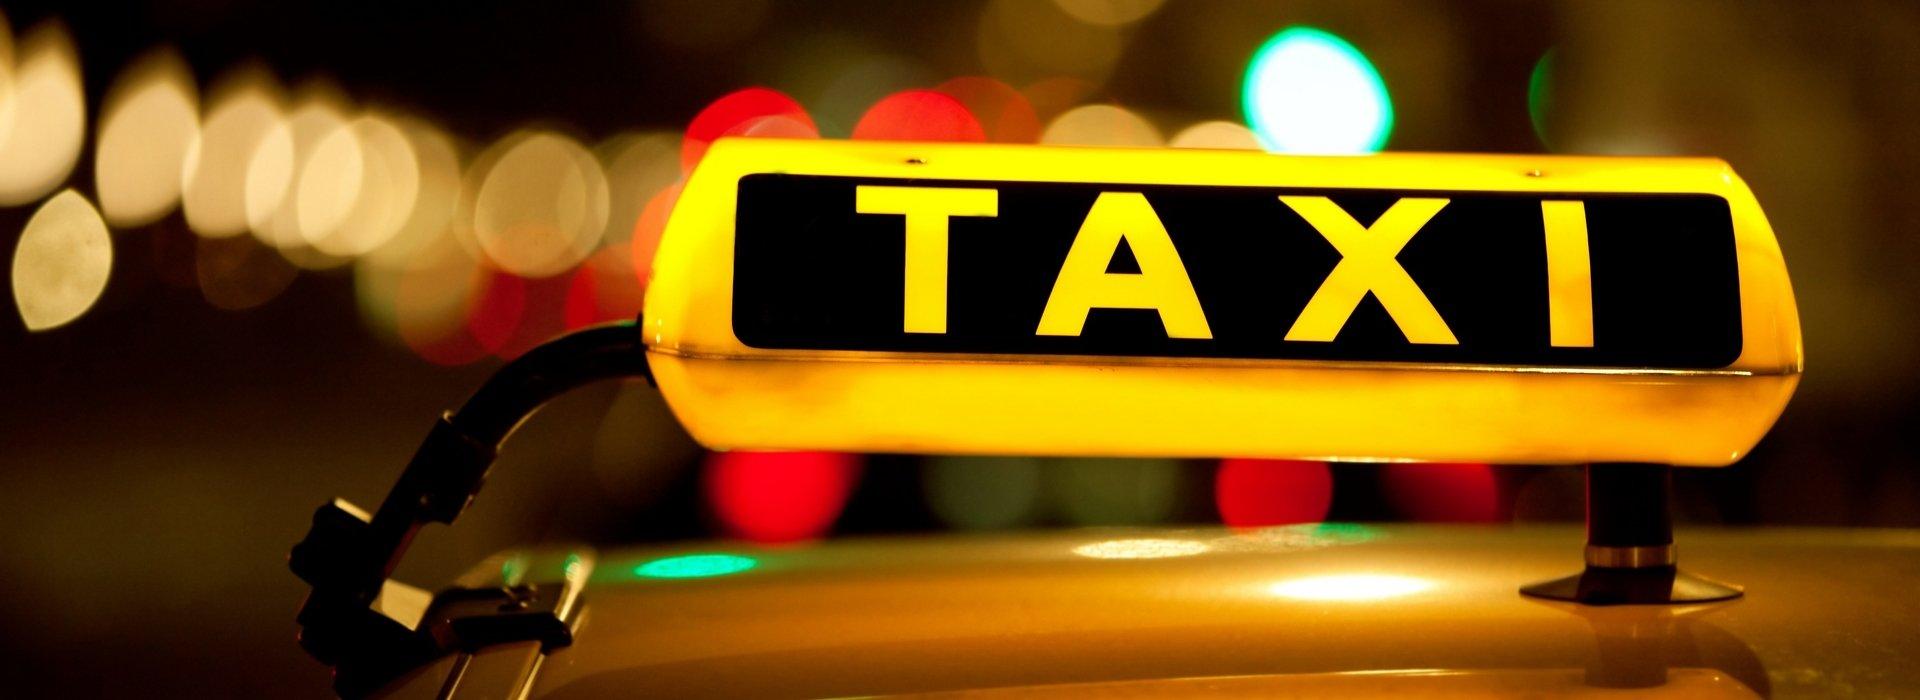 Taxi Budapesten – Budapesti Taxi Társaságok